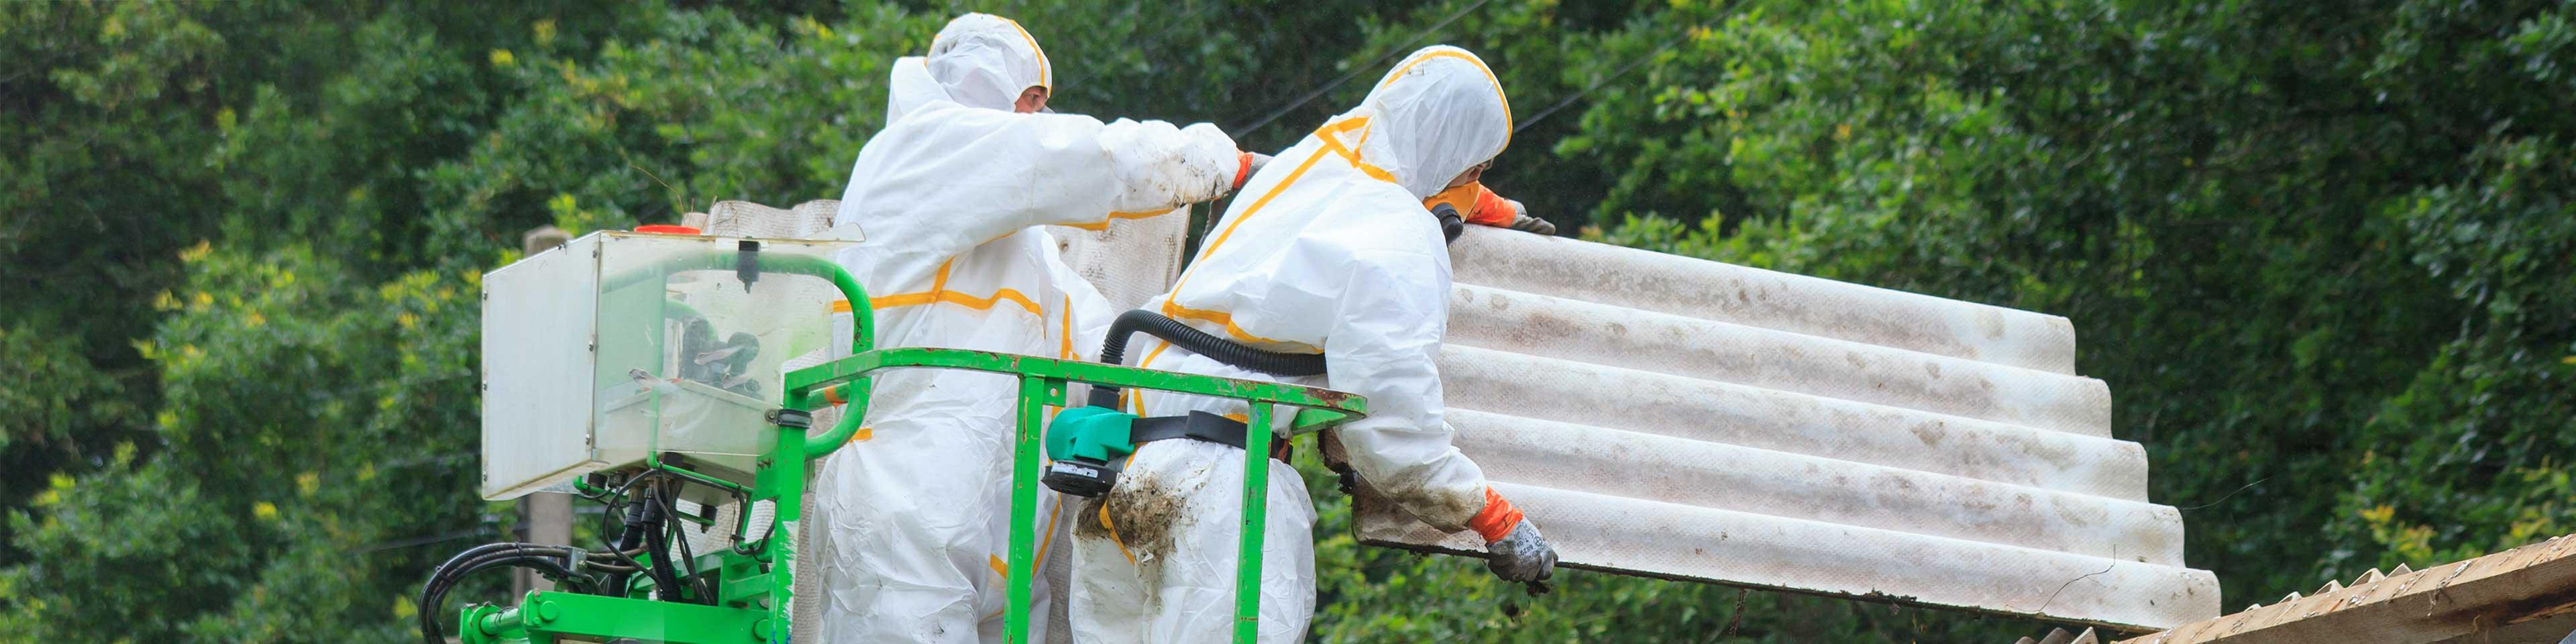 Webinar - Asbest: waar toegepast, risico's, beheer en wetgeving